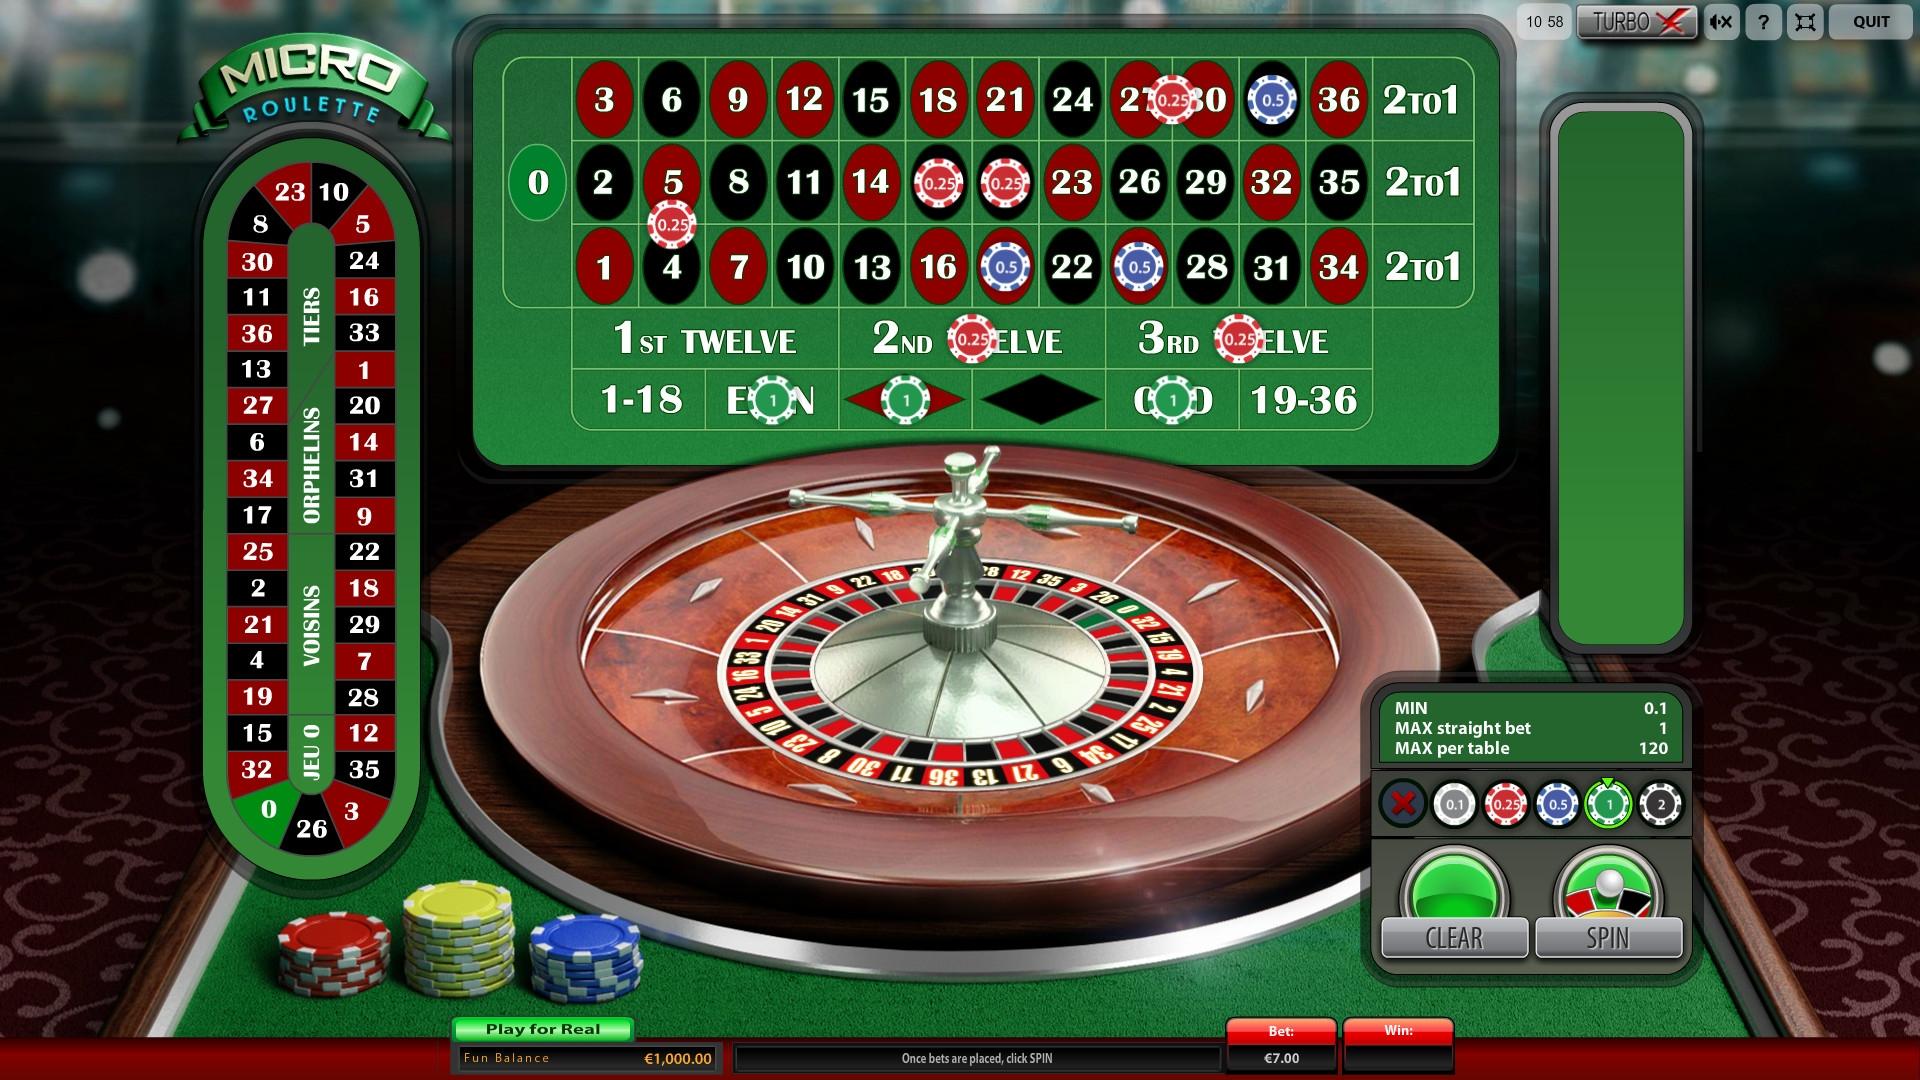 Metodo pari dispari roulette